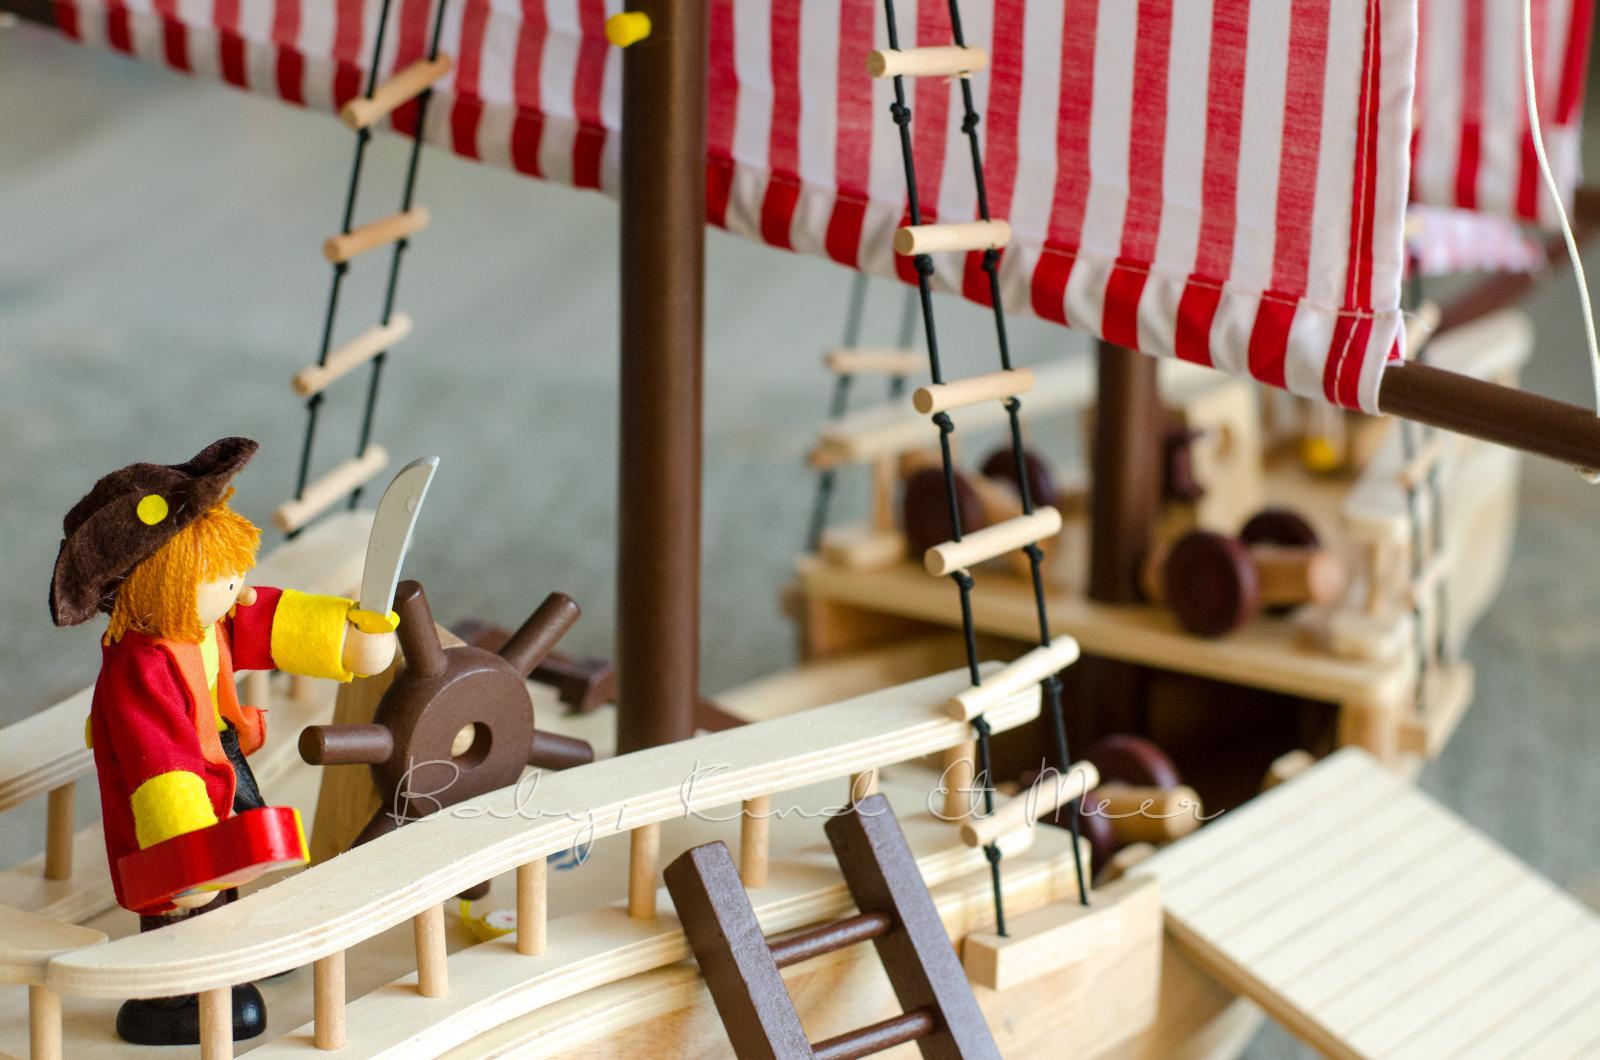 FÜr kleine kinderzimmer piraten   spielzeug   baby, kind und meer